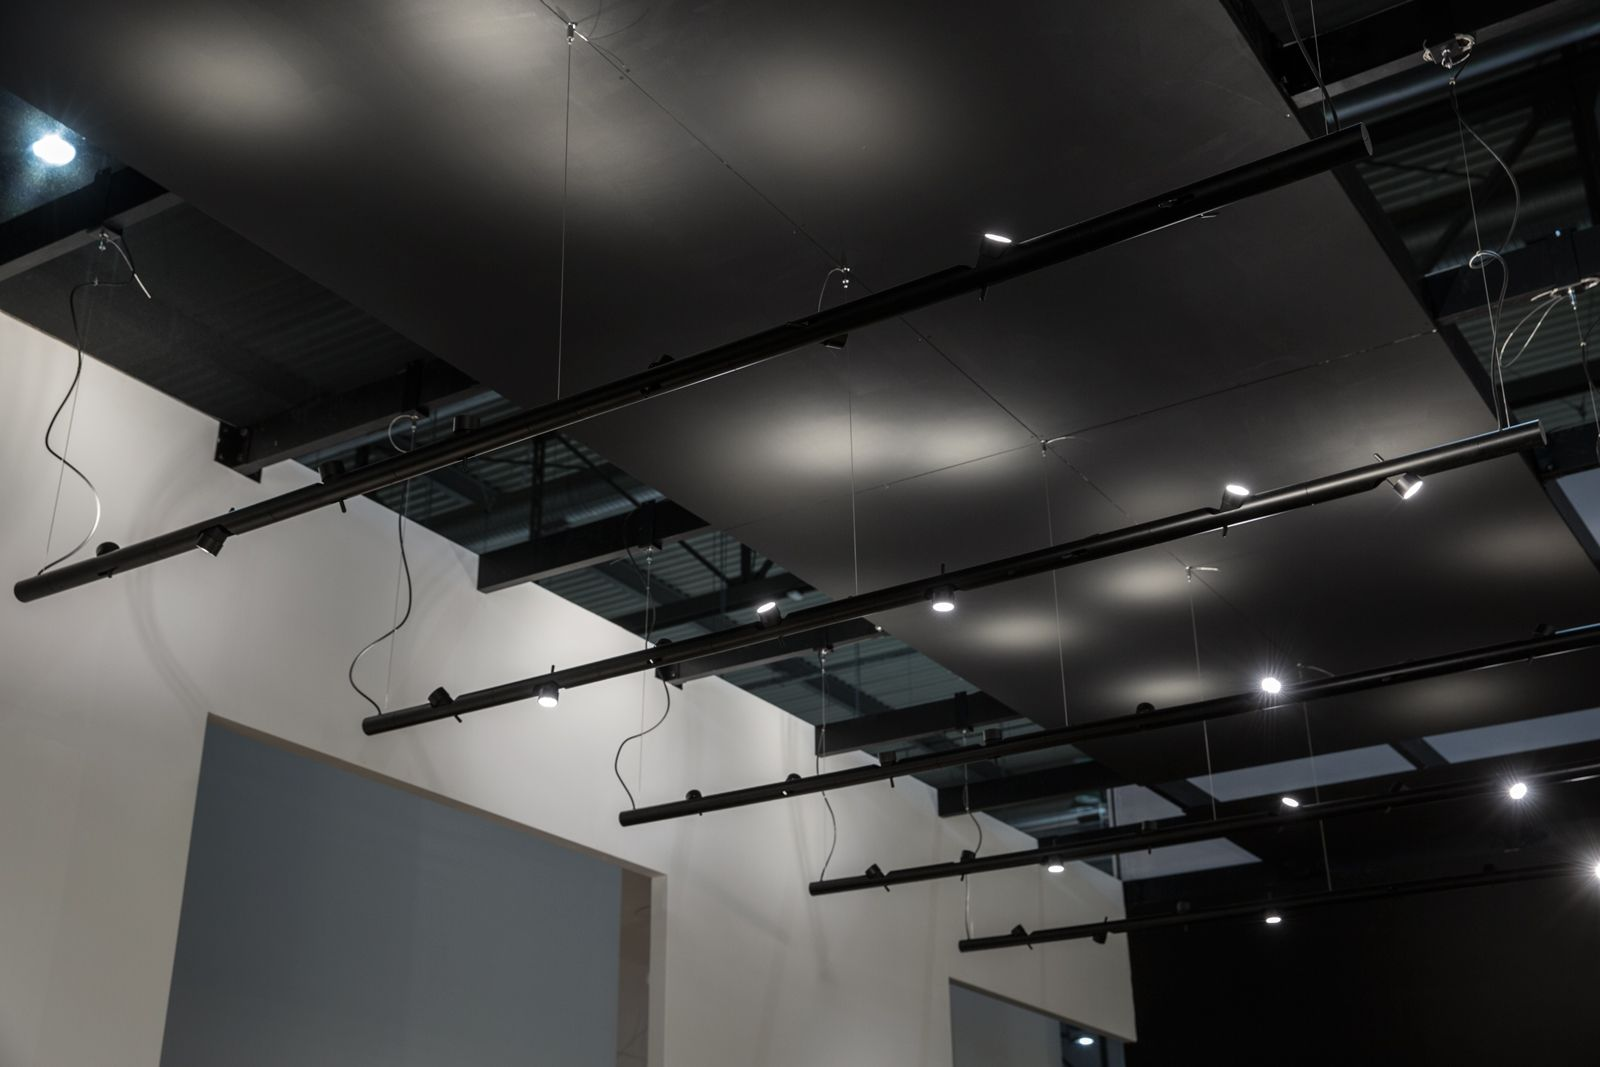 Lampada Tubolare Led : Lampada modulare a sospensione in tubolare di alluminio